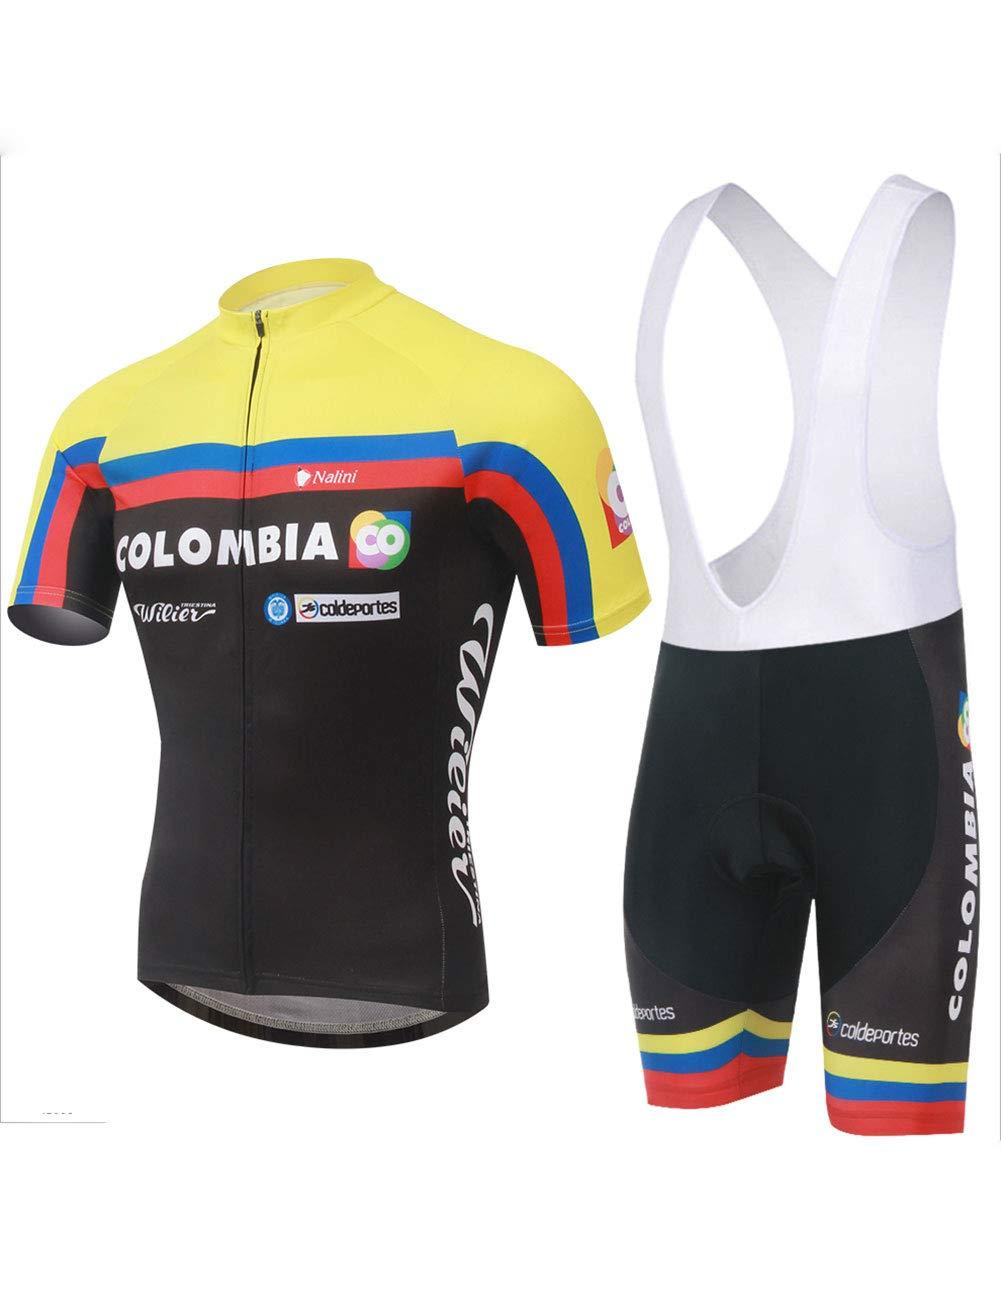 Fonly Gelbe Männer und Frauen Kurzarm Jersey Klage Gebirgsfahrrad Kurze Hosen Ausgerüstete Fahrrad Kleidung, Die Jersey Radfahren